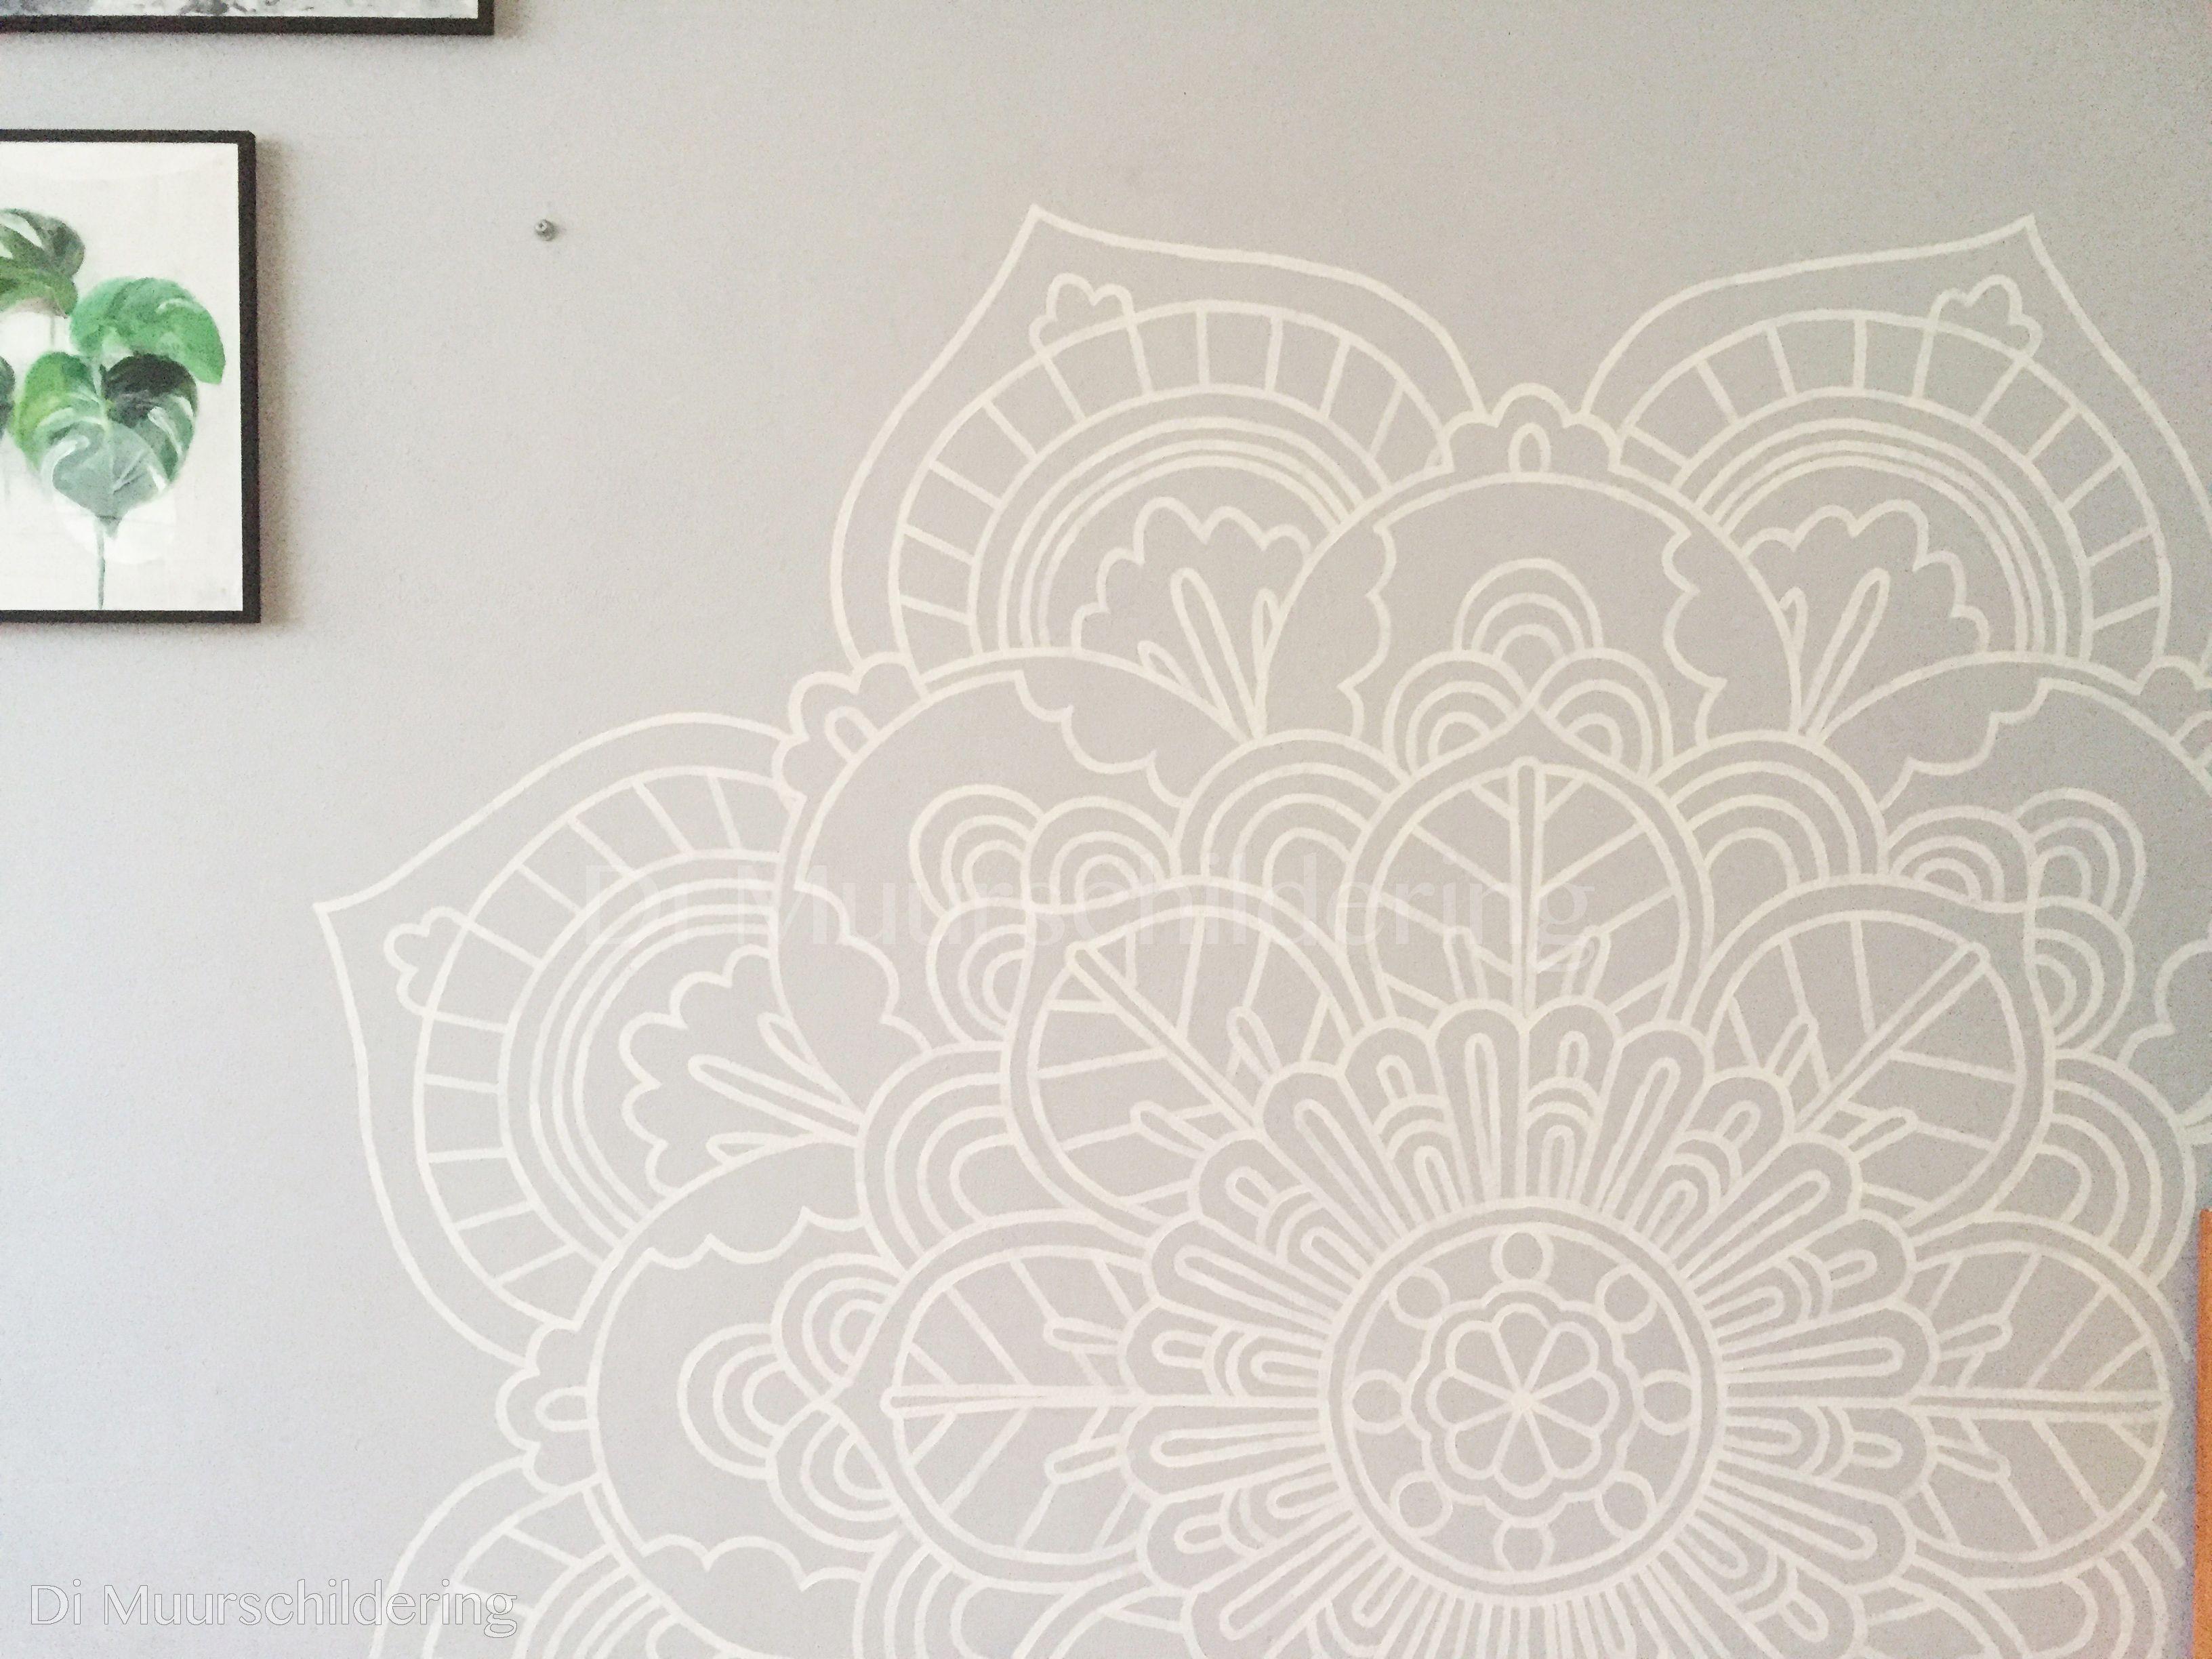 Muurschildering mandala. Gerealiseerd door Di muurschilderingen ...